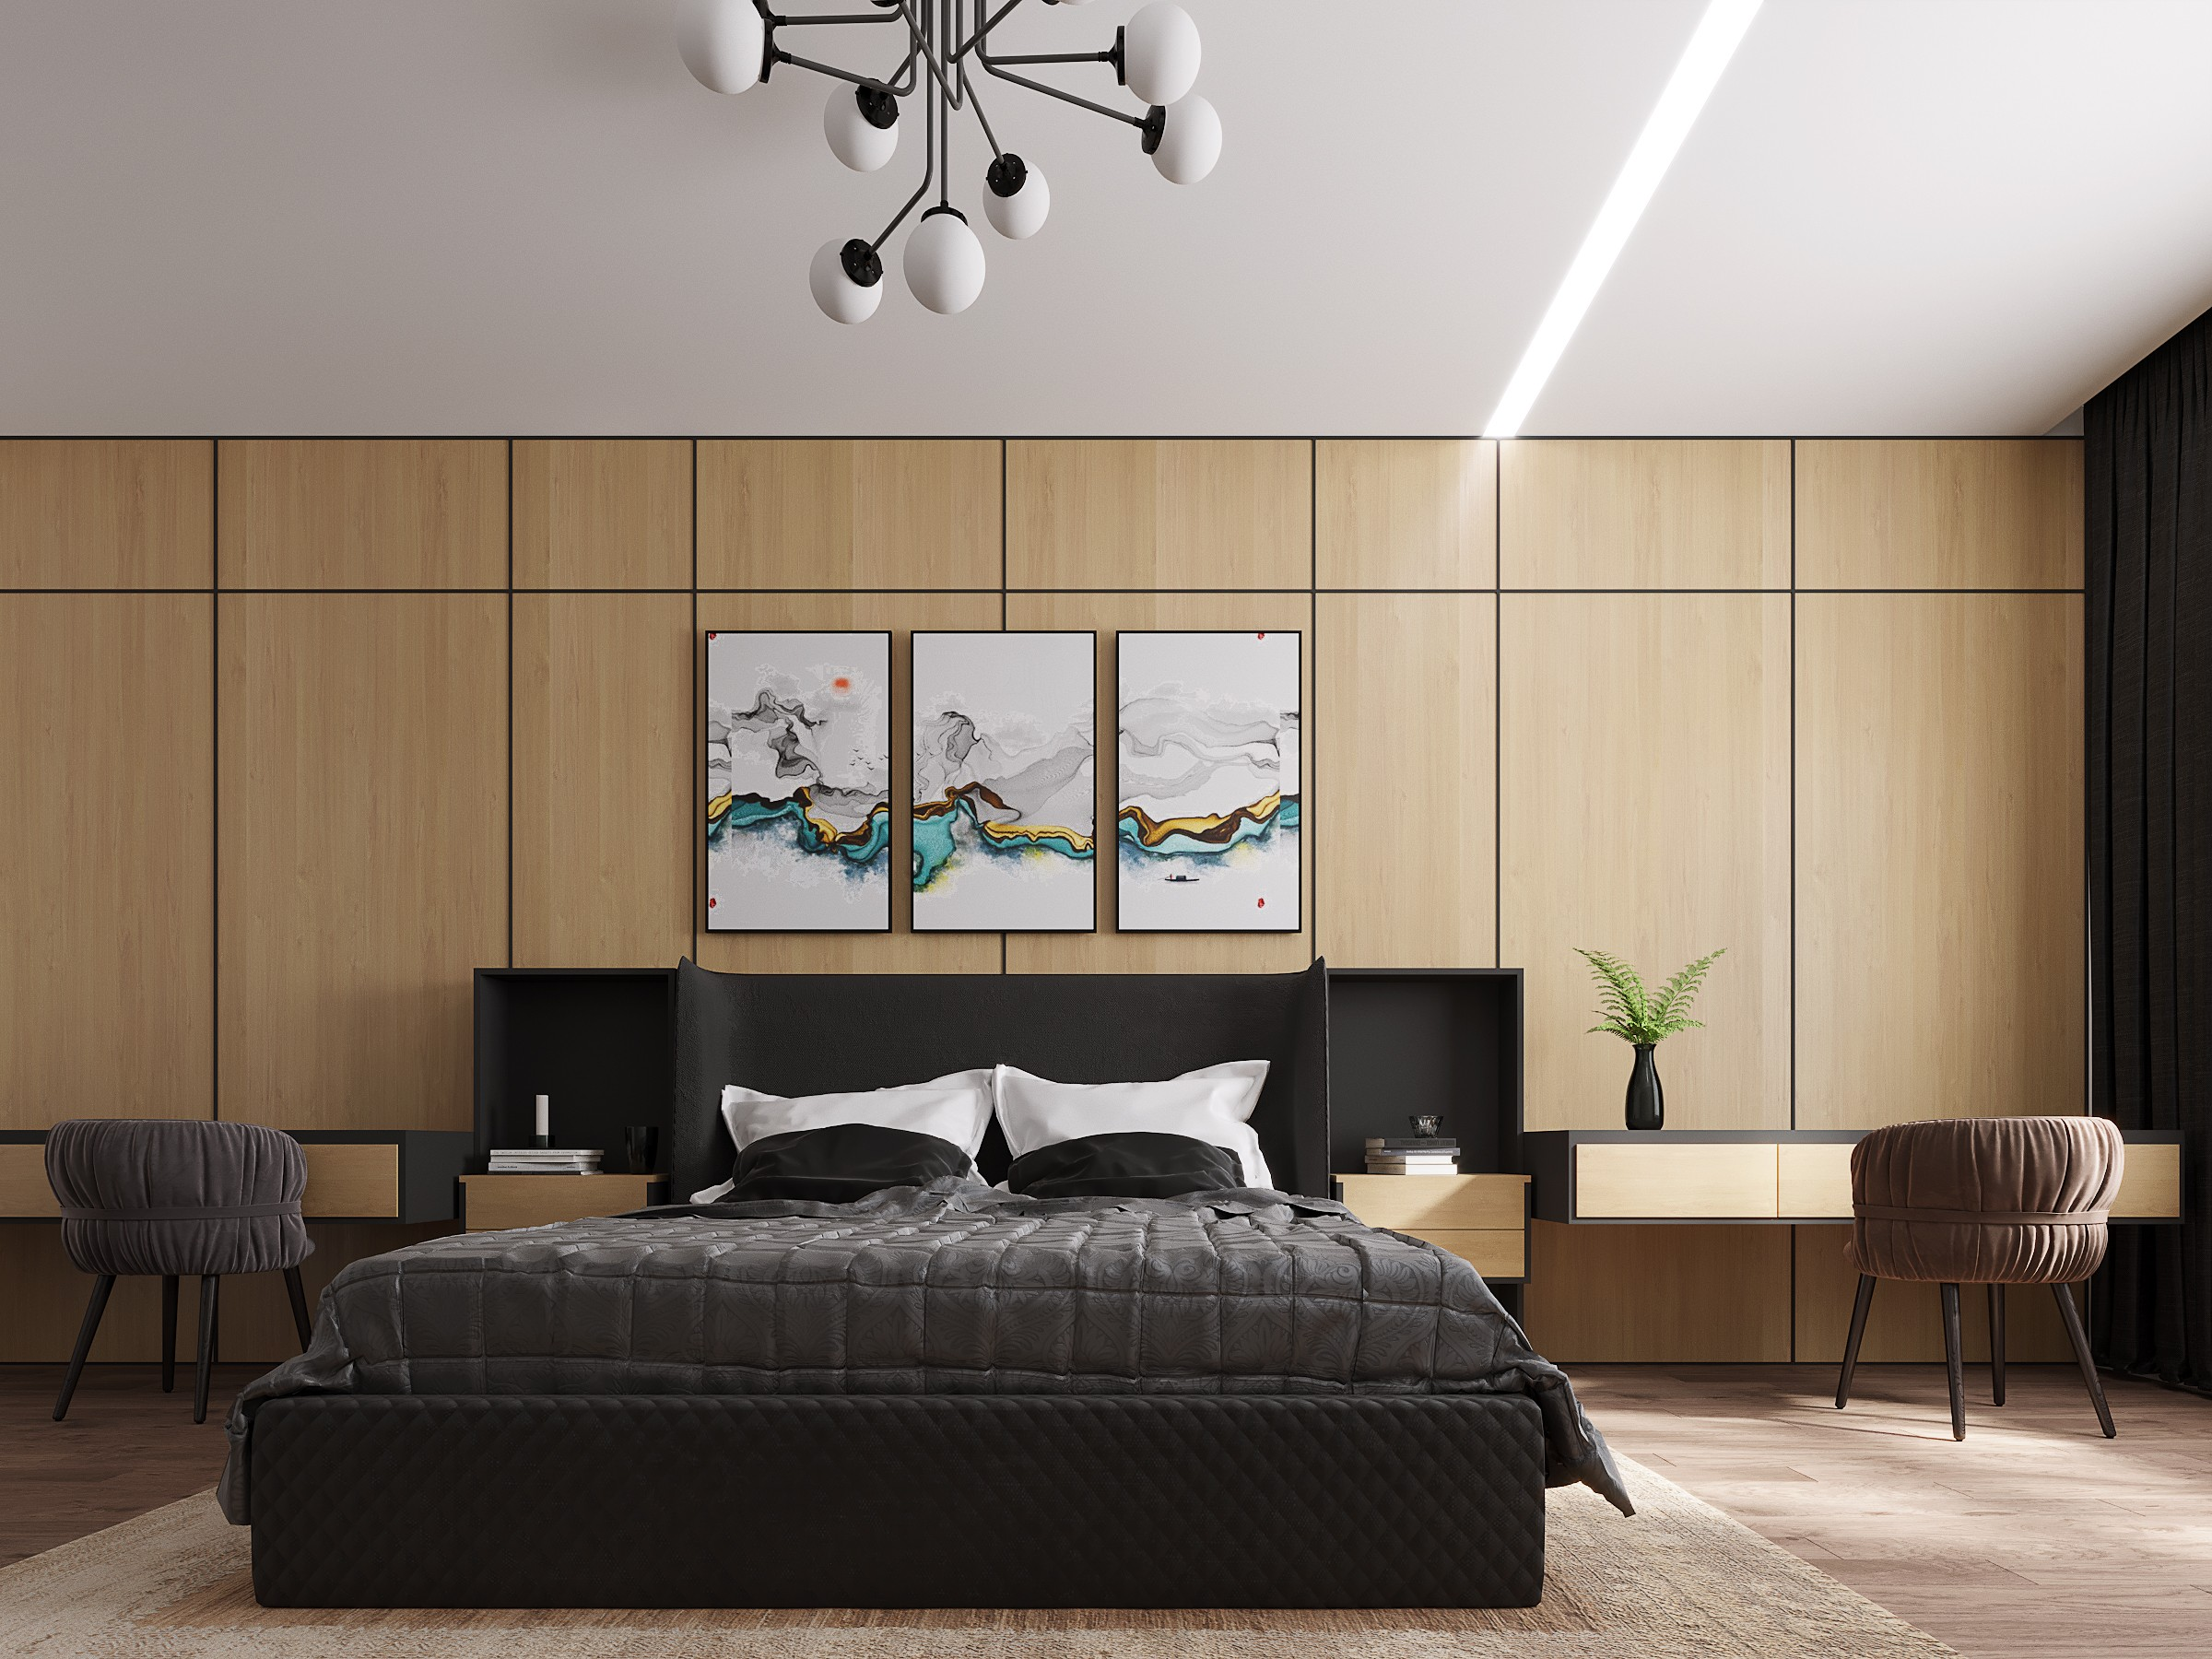 临摹卧室 - 效果图交流区-建e室内设计网